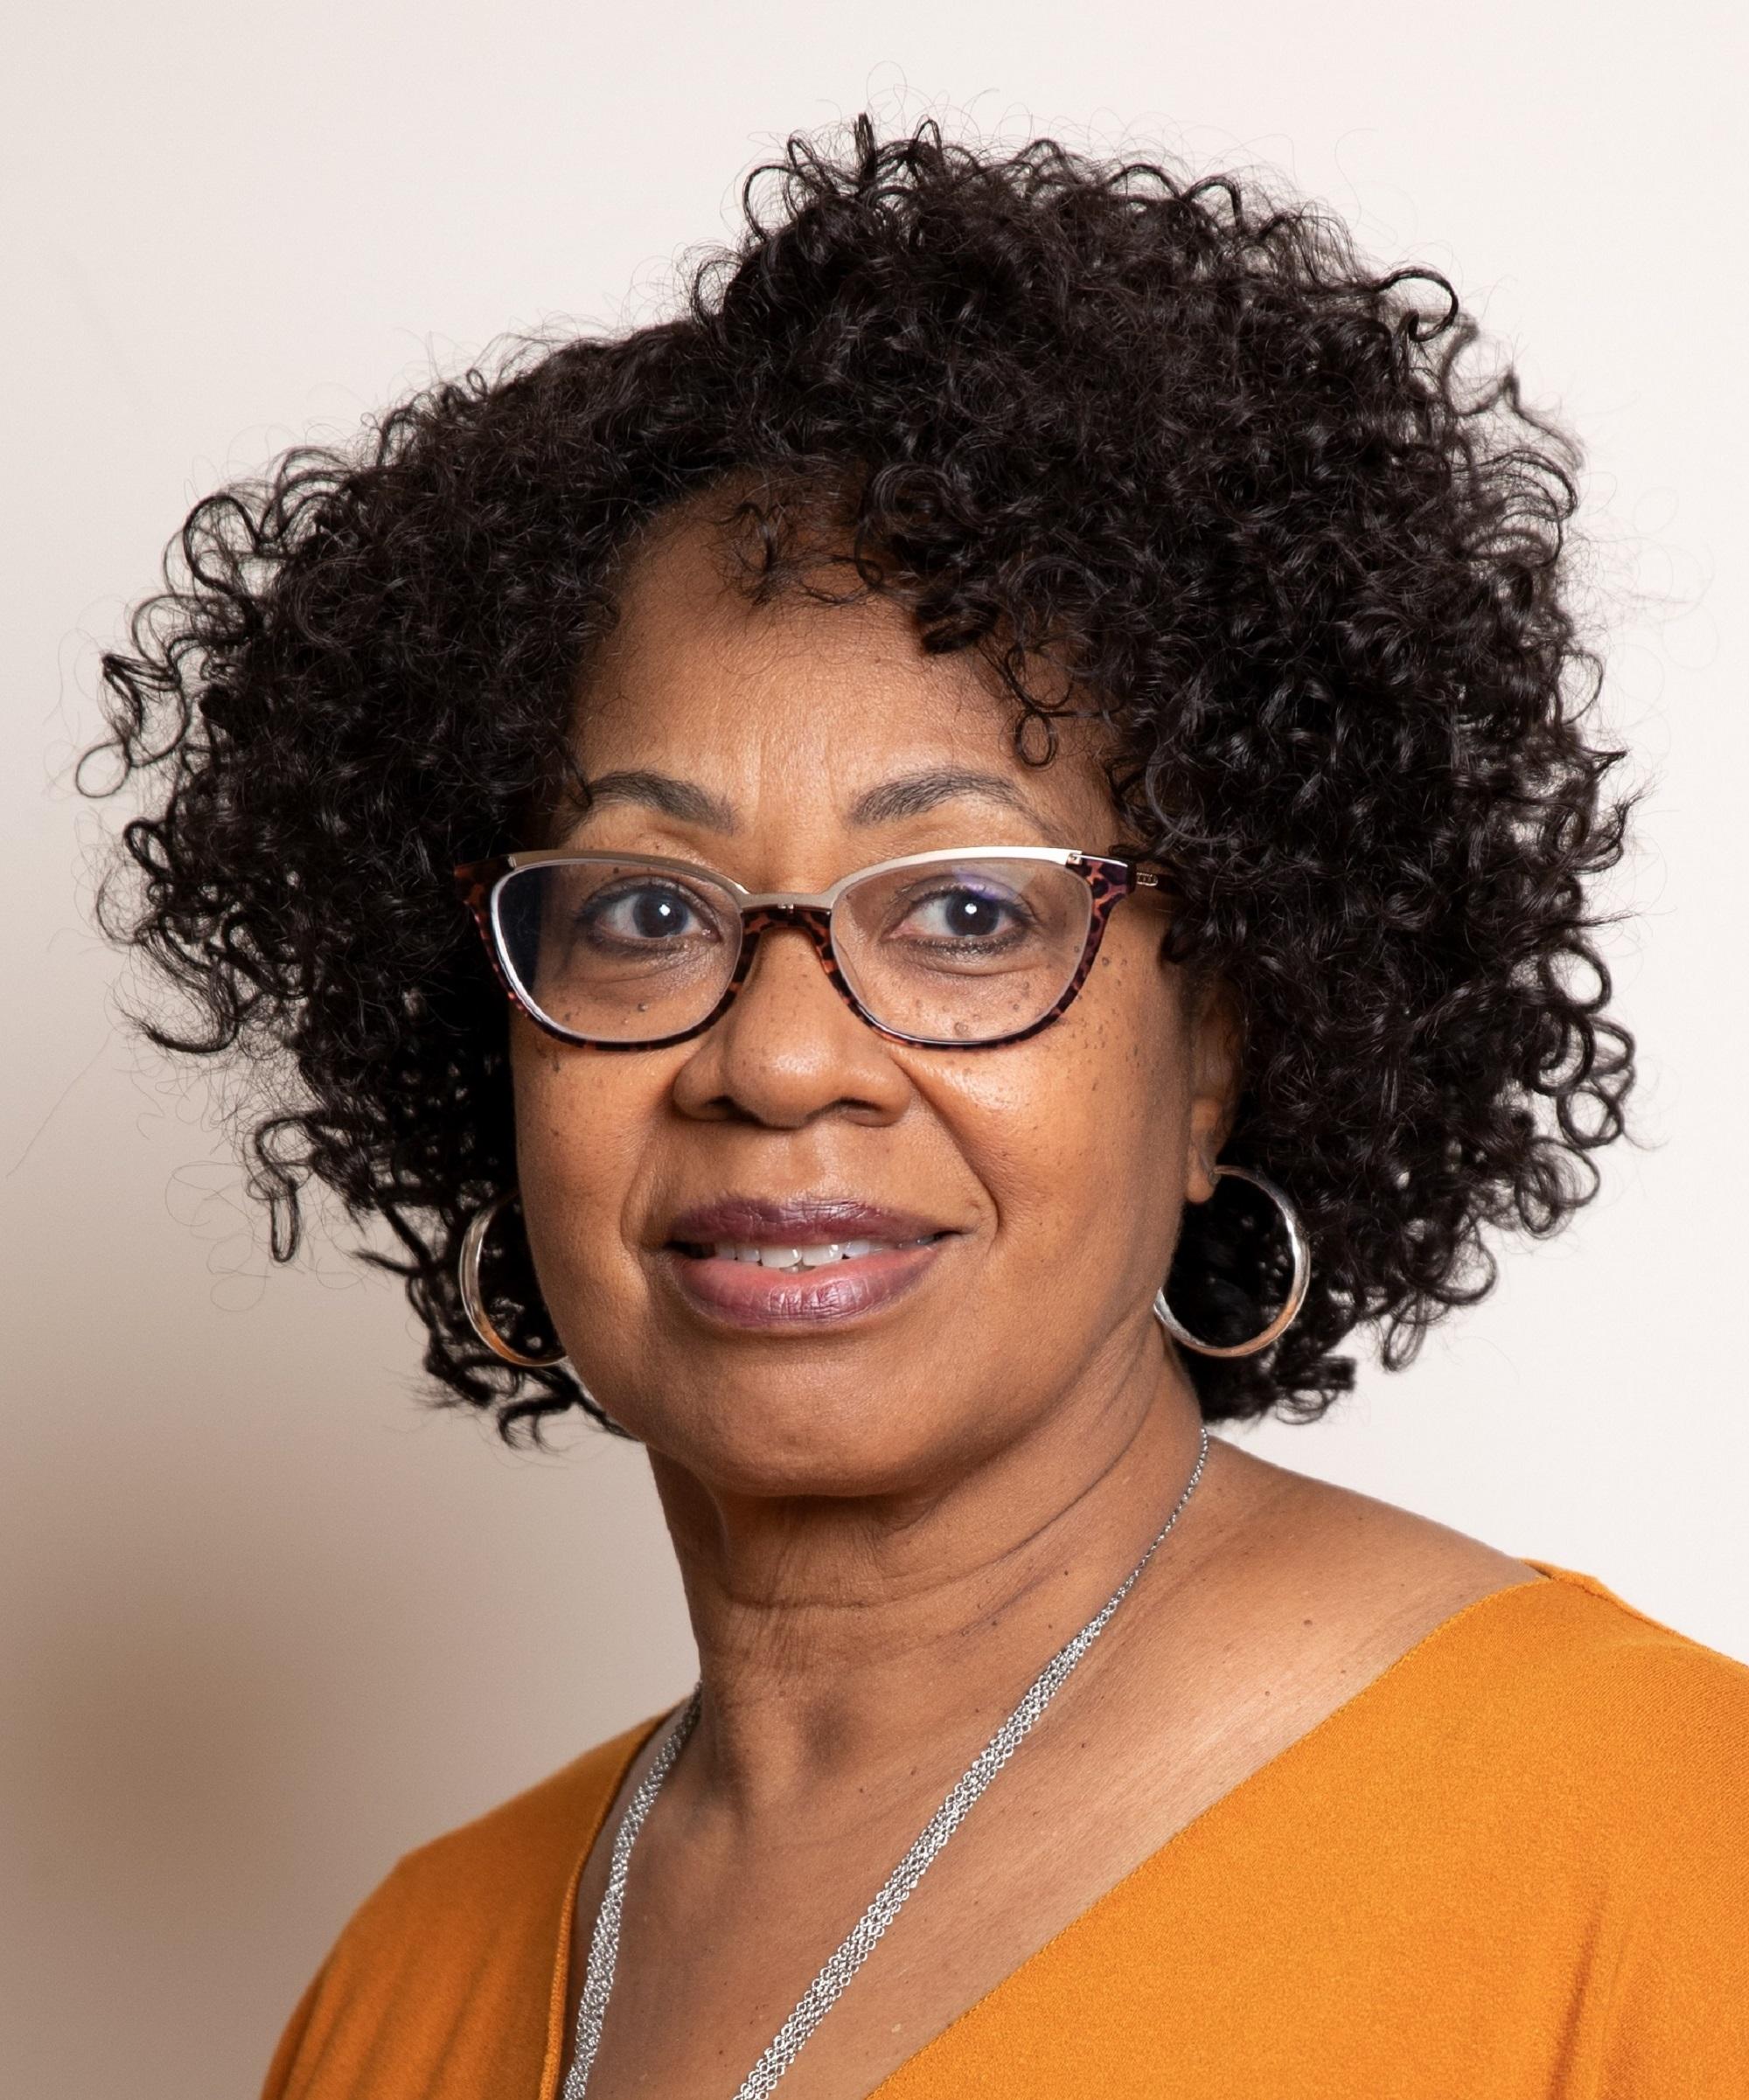 Adjoa Burrowes with dark brown, voluminous curly hair, glasses and hoop earrings